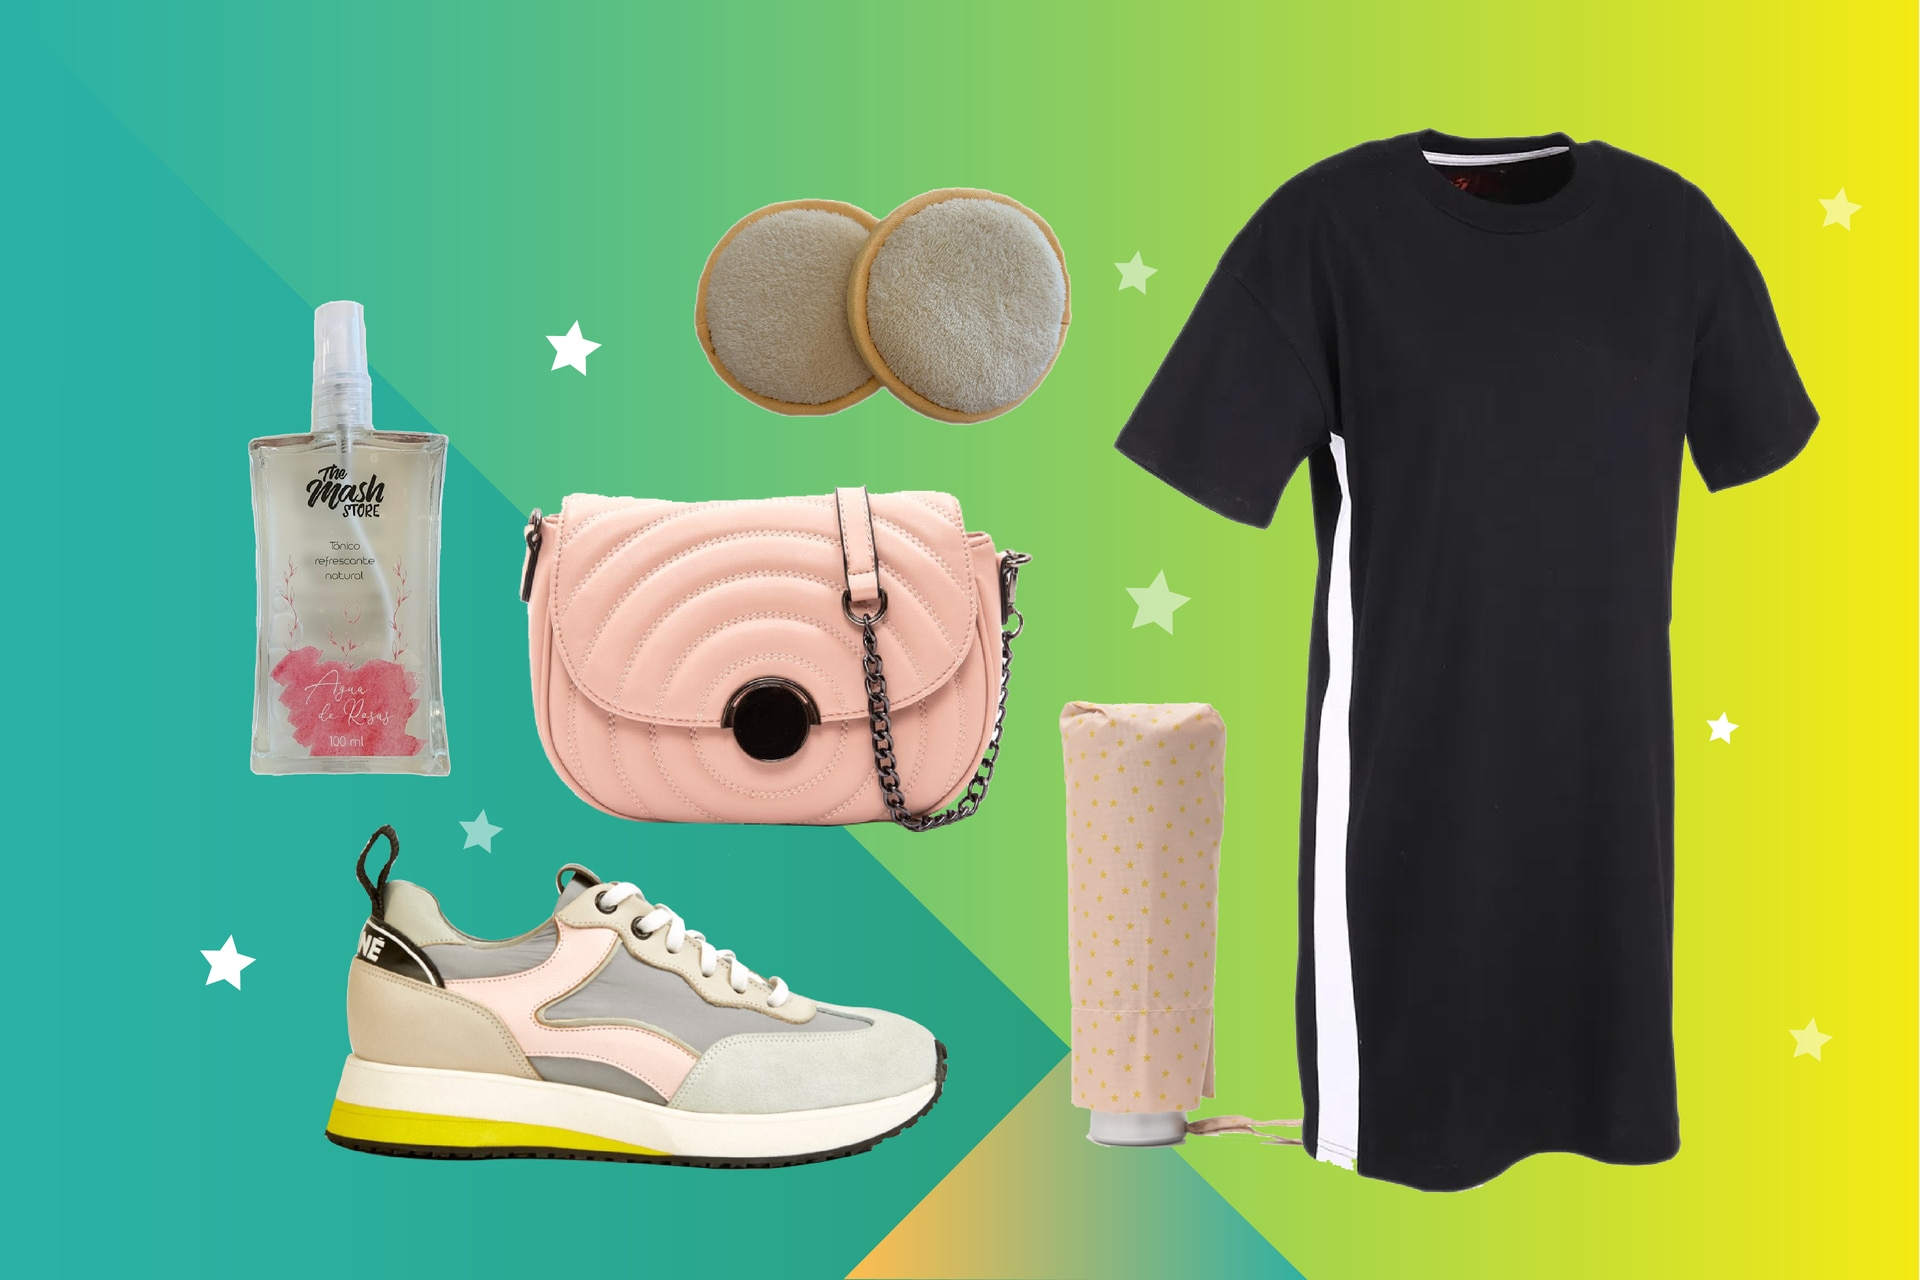 Los días más cálidos del otoño se transitan muy bien con este mix sporty chic, entre zapatillas y vestido